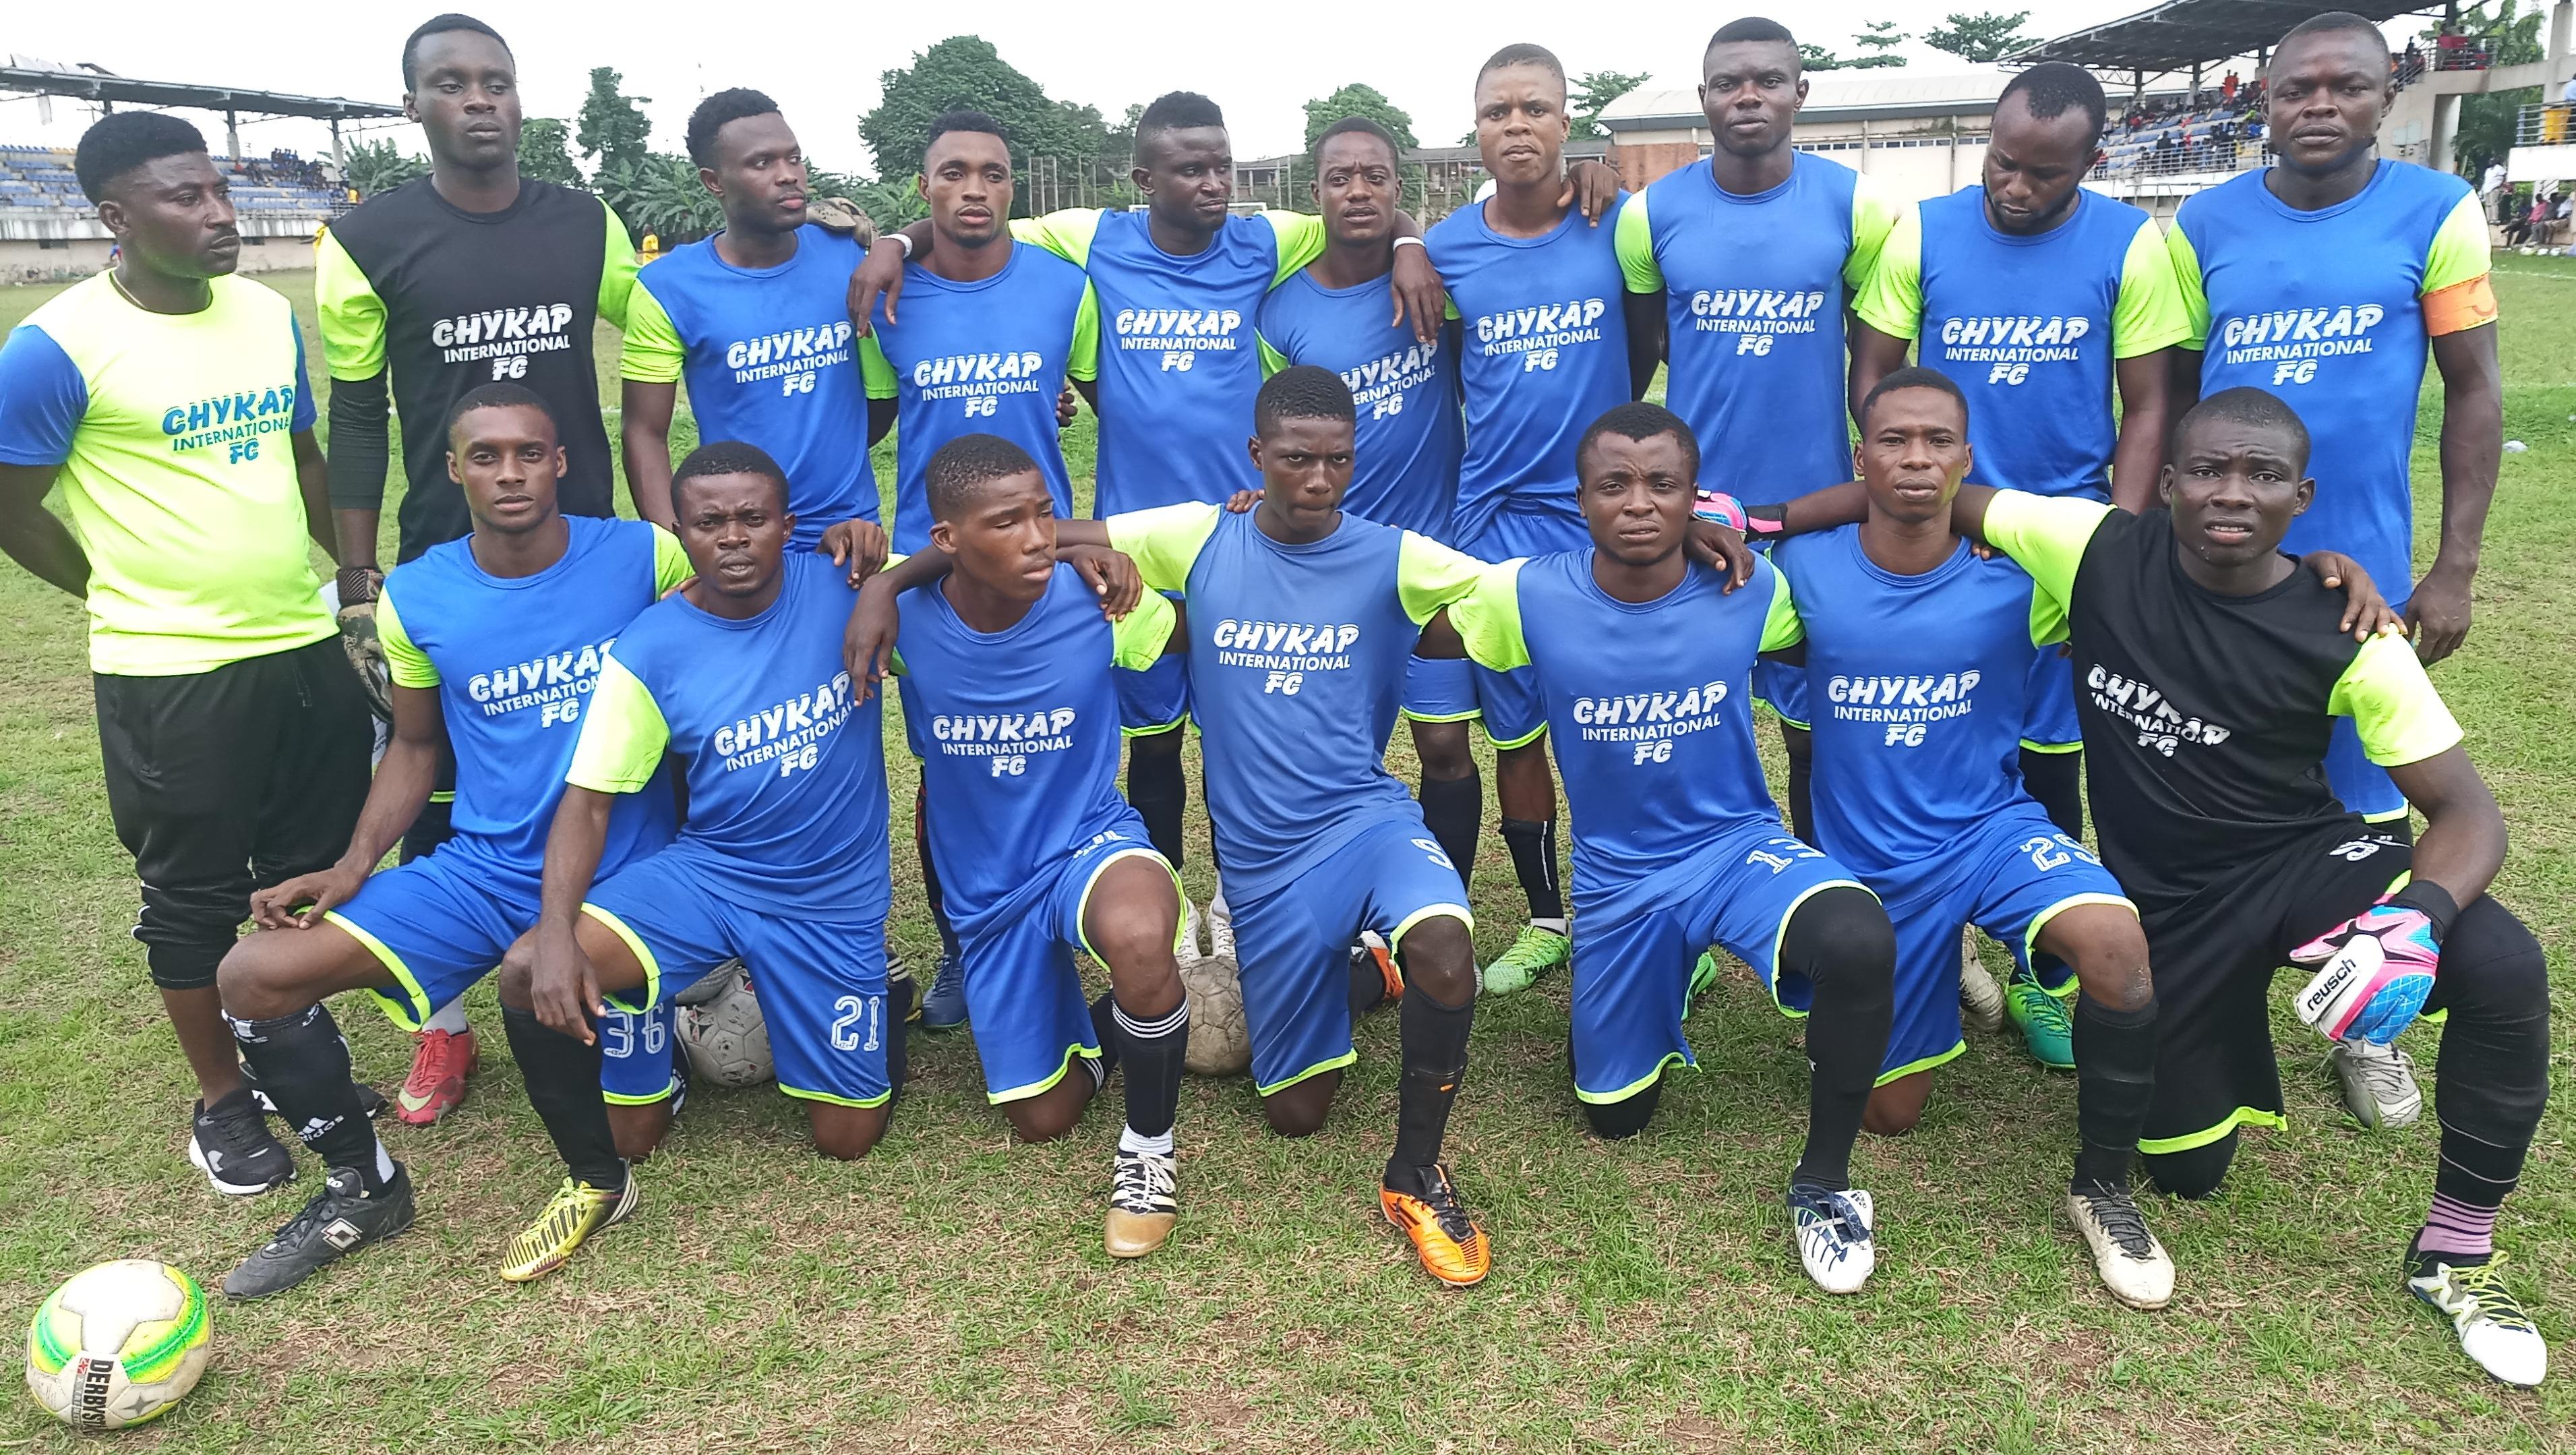 Chykap FC